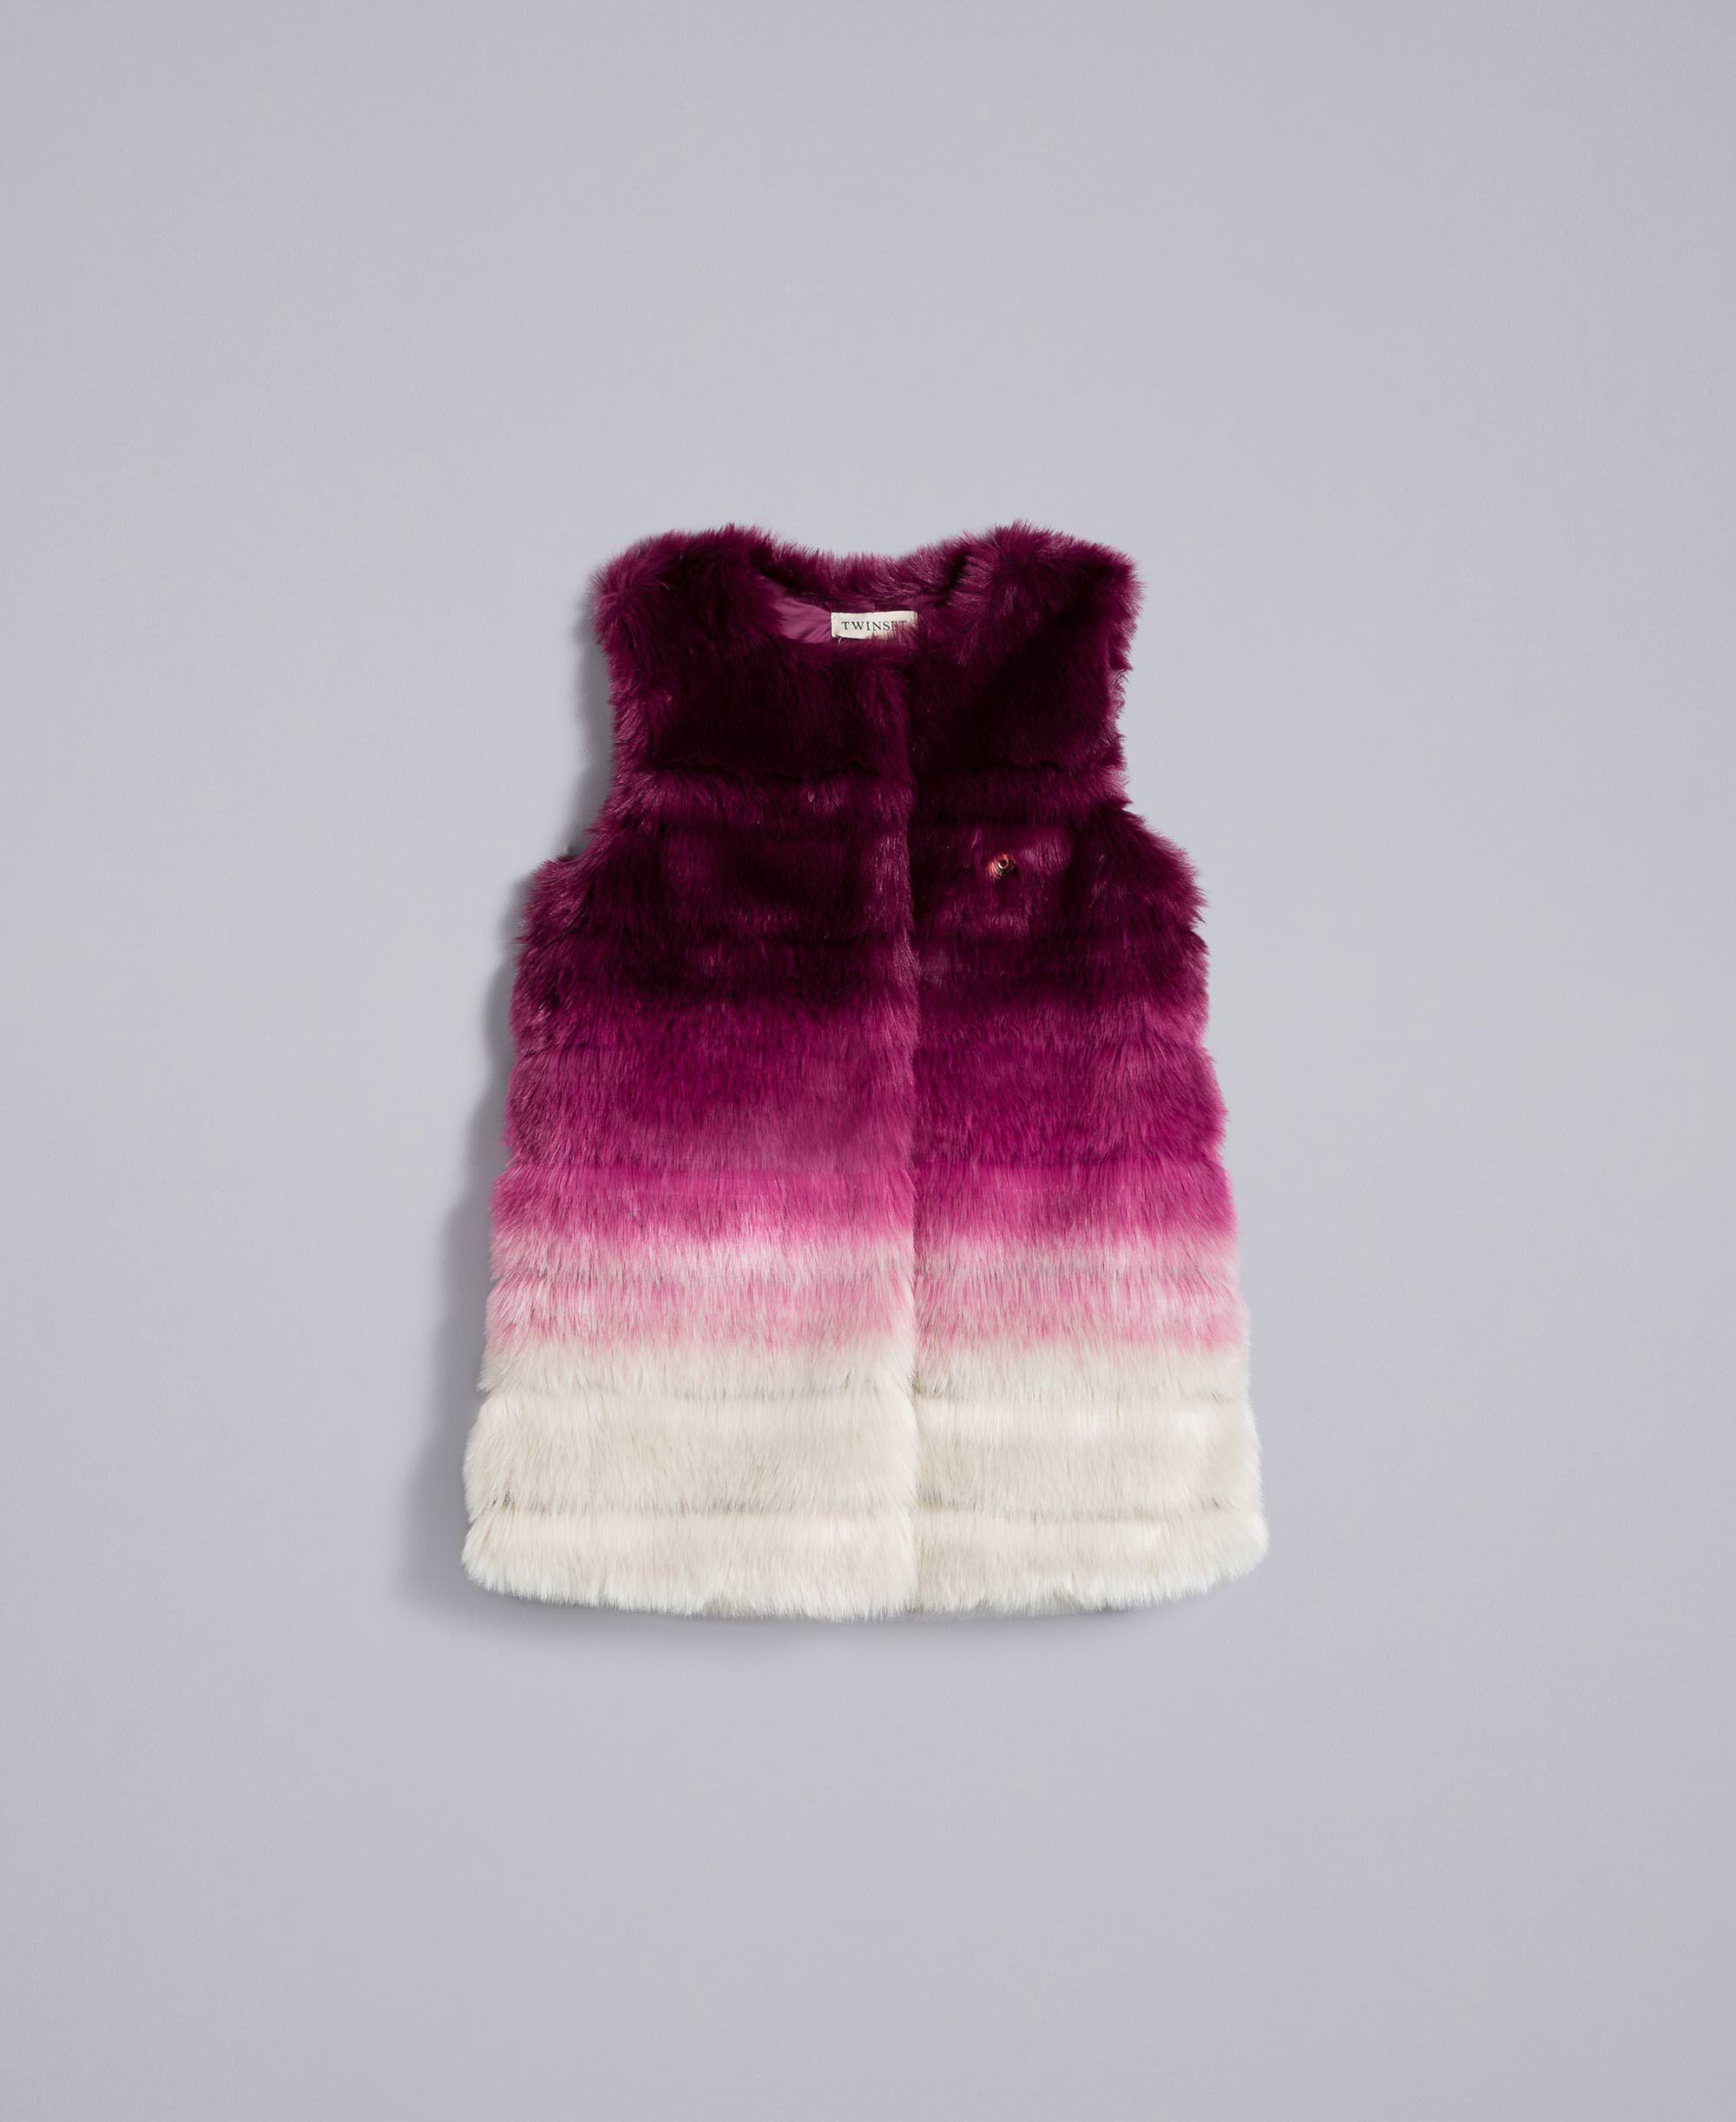 Weste aus Kunstpelz im Farbverlauf Kind, Violett | TWINSET Milano